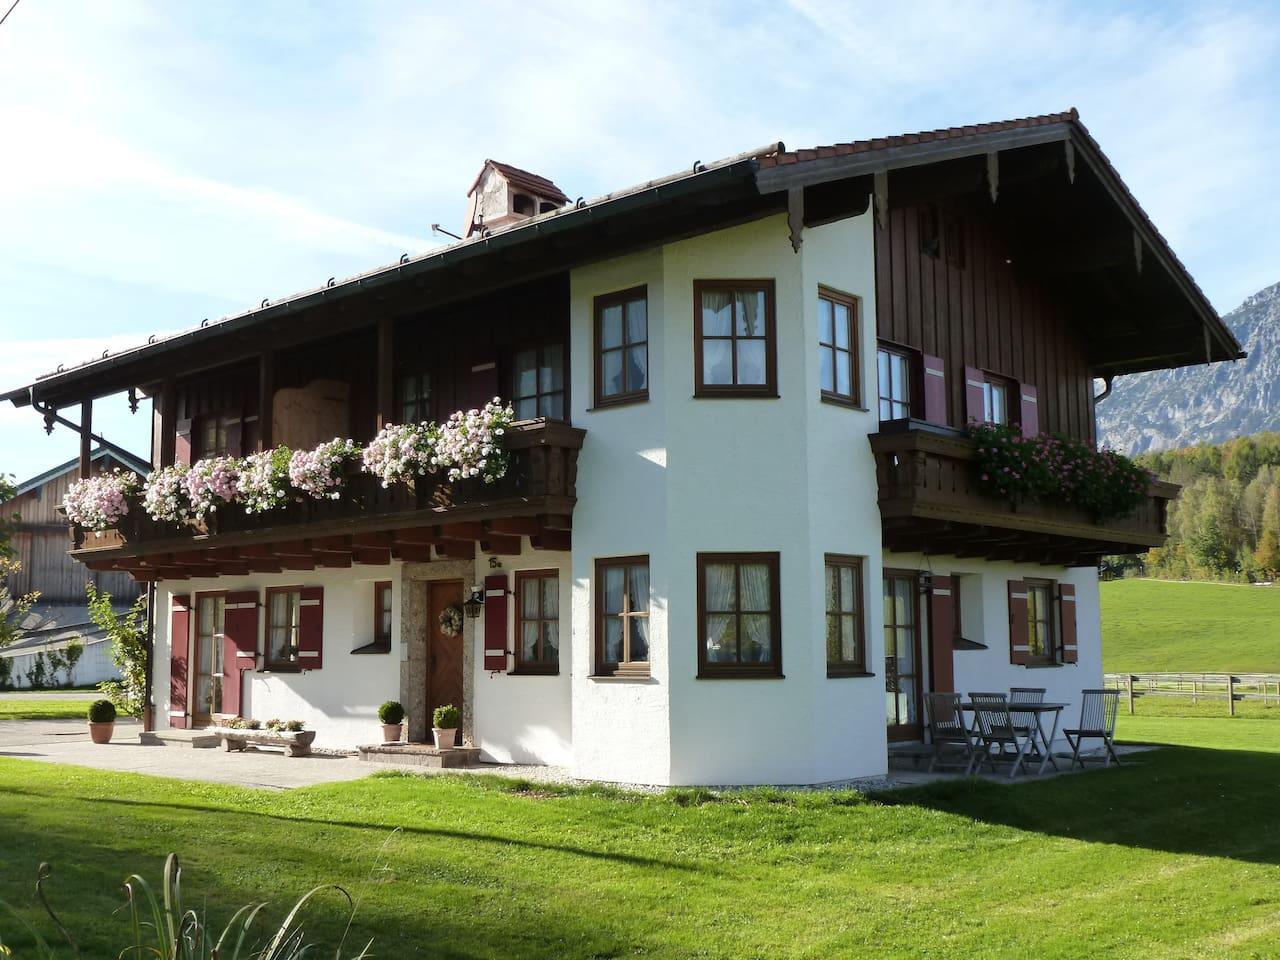 Freistehendes Ferienhaus mit 3 Einheiten. Auf Gut Kollmannsbrunn